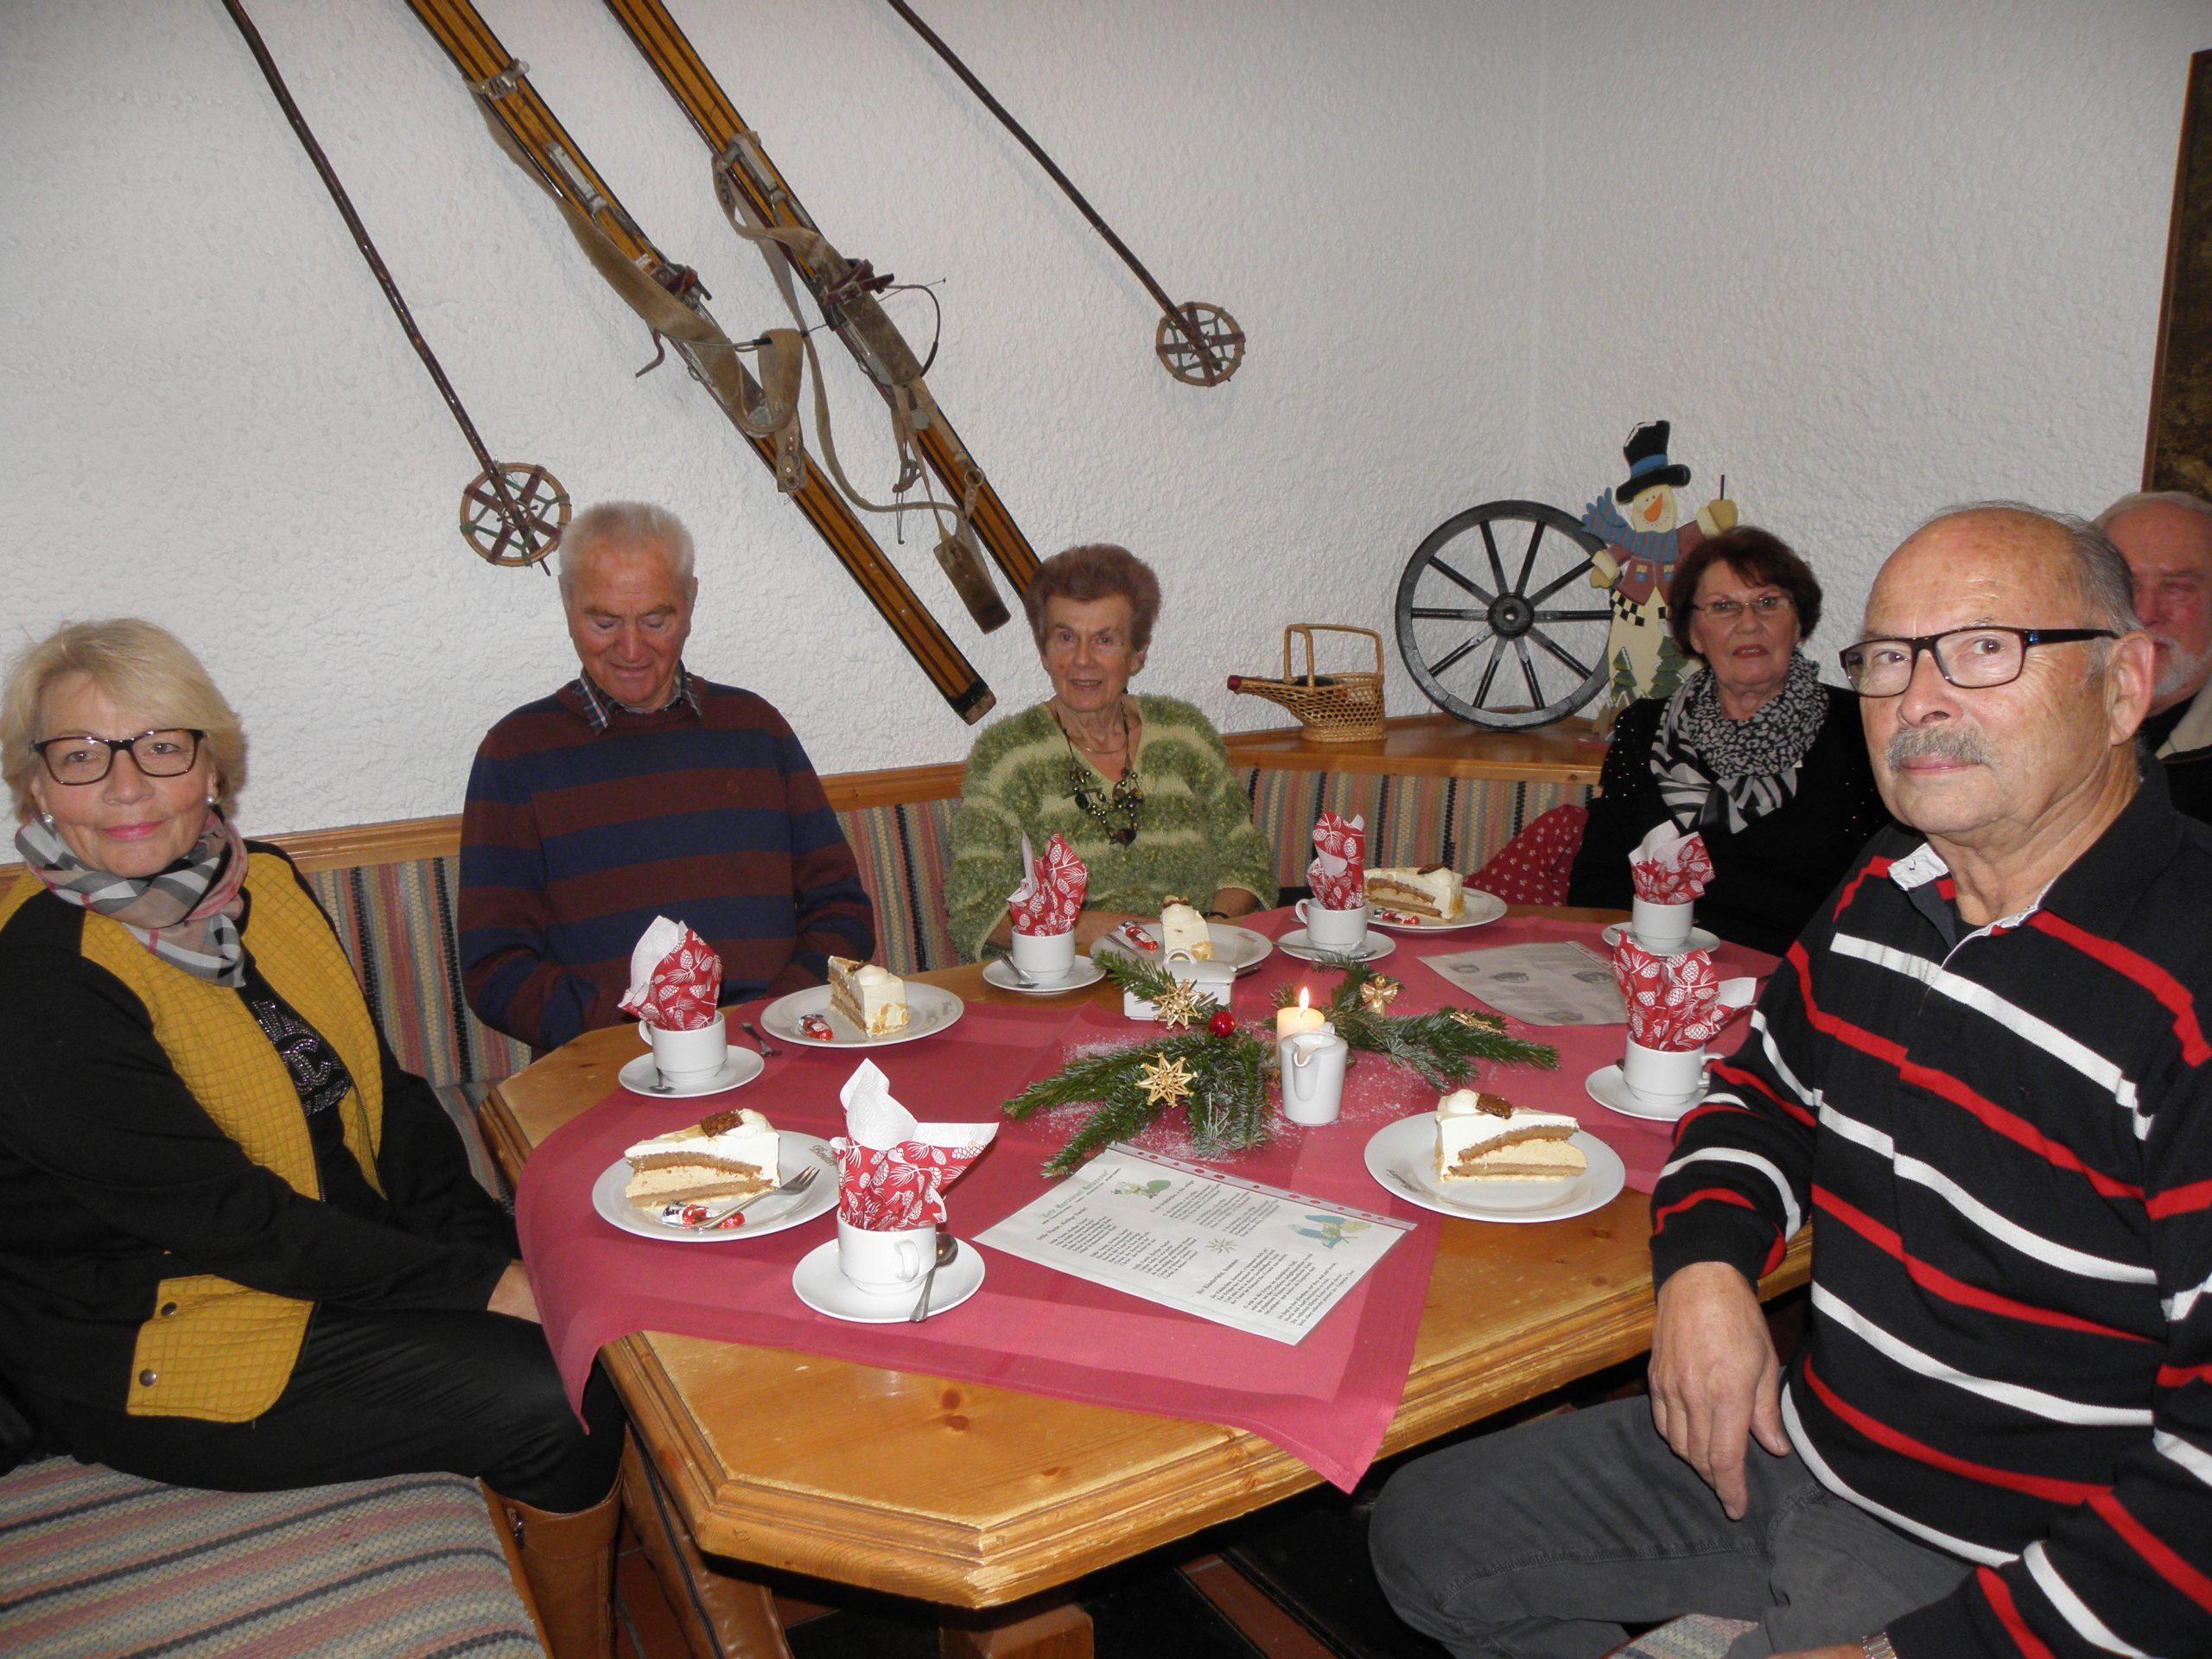 Kaffee und Kuchen, weihnachtlich dekorierter Tisch